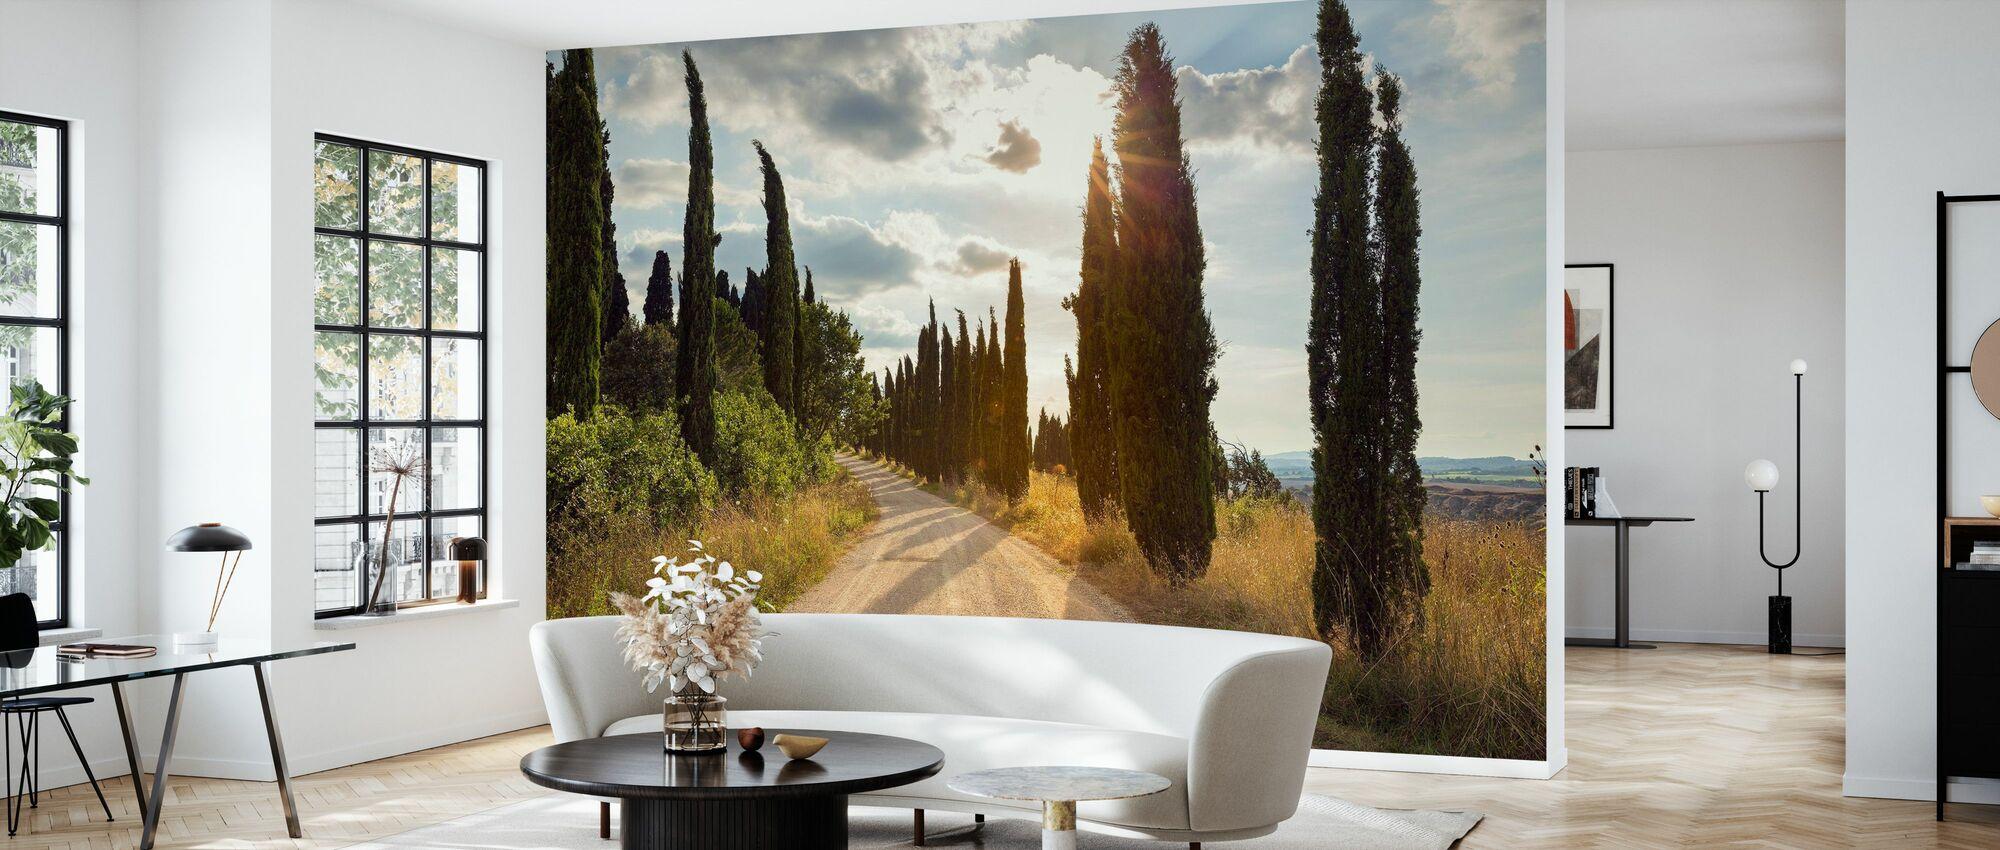 Ponte D´arbia, Toscana - Wallpaper - Living Room